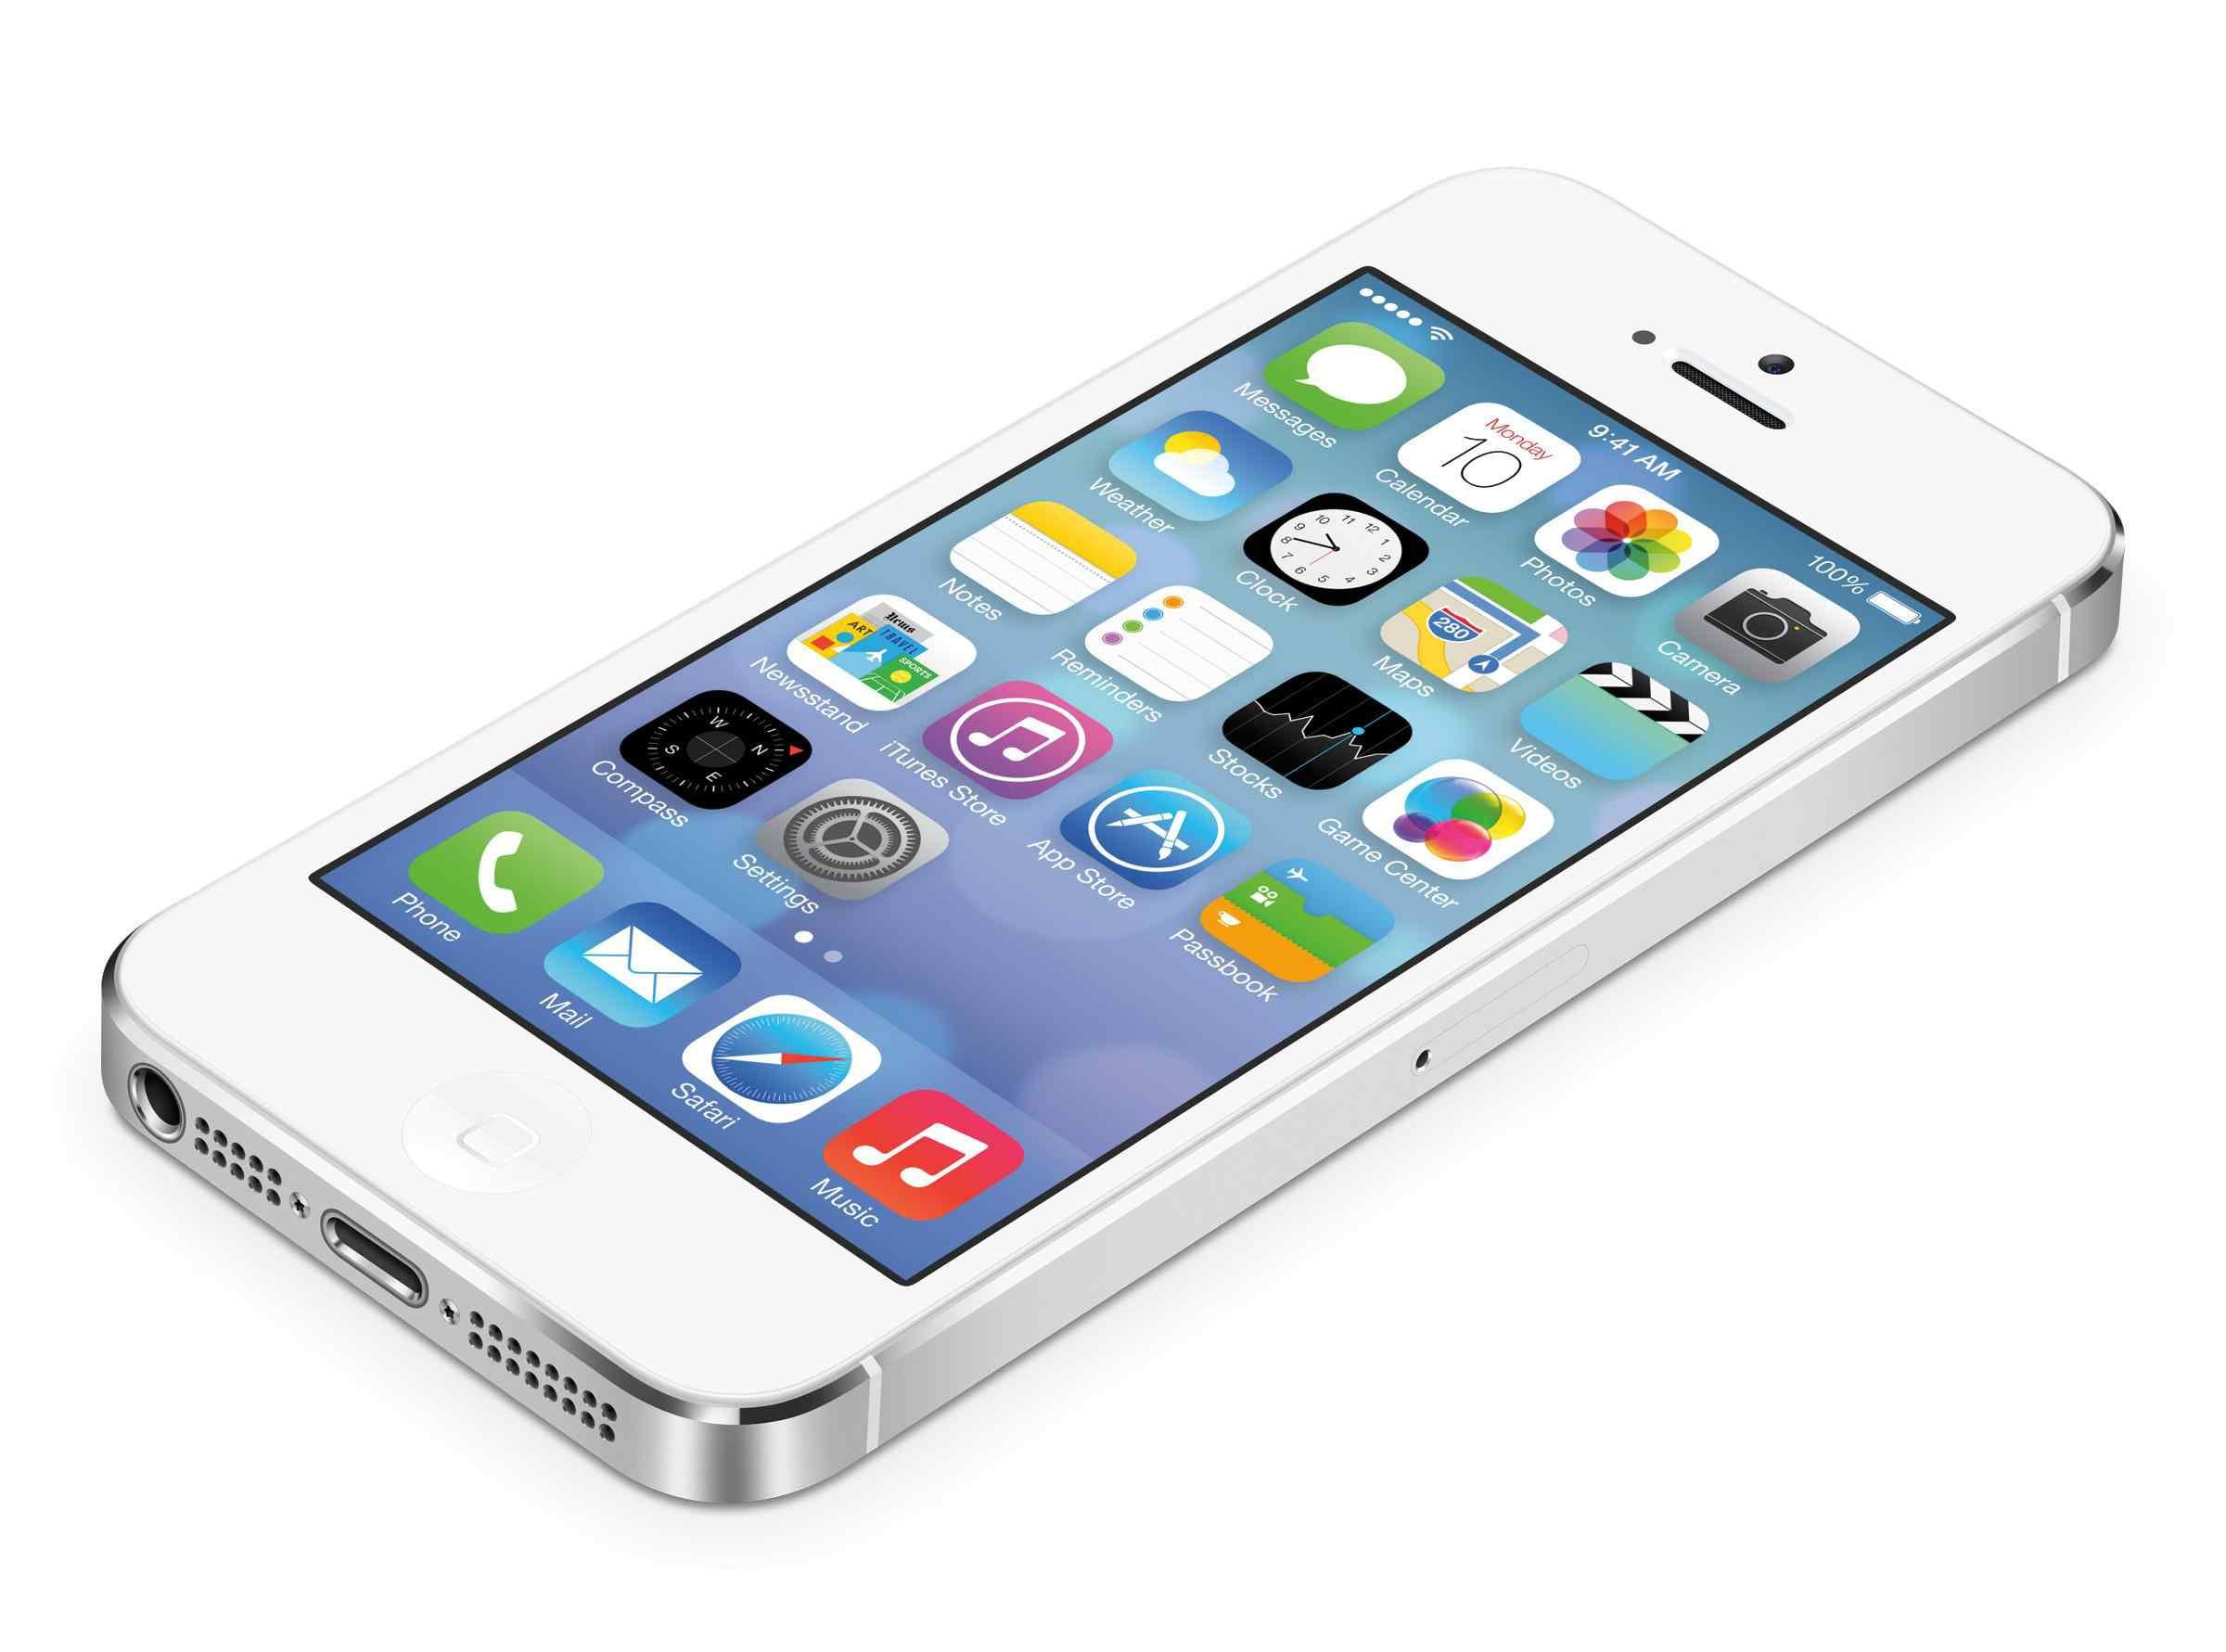 苹果手机连上wifi却不能上网 苹果手机无线网连上却上不了网络